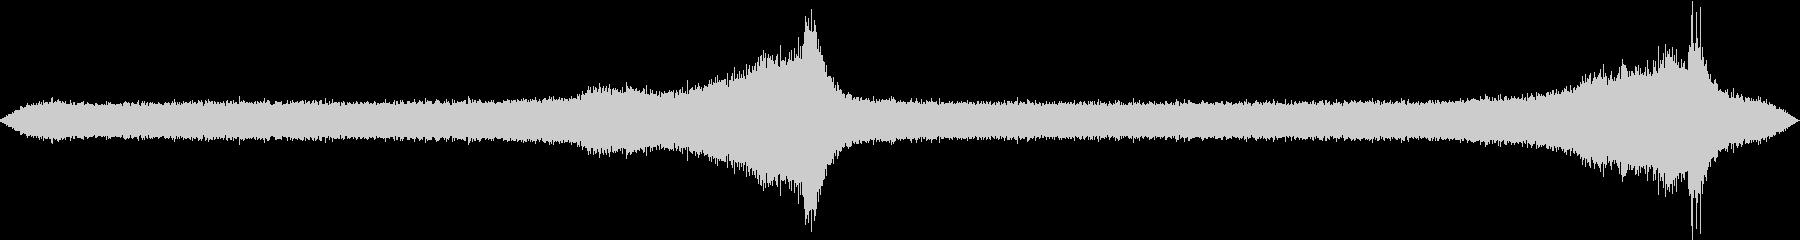 【生録音】初夏の夜の環境音 虫の声 2の未再生の波形